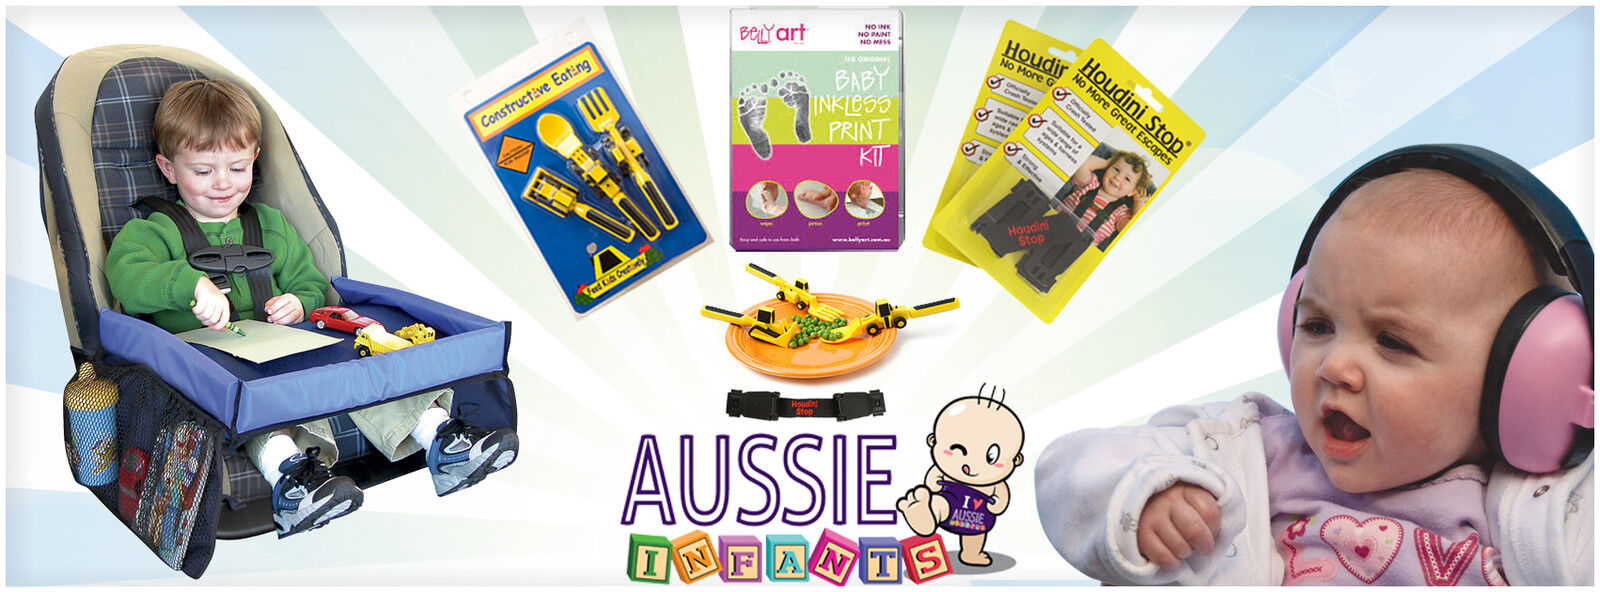 Aussie Infants